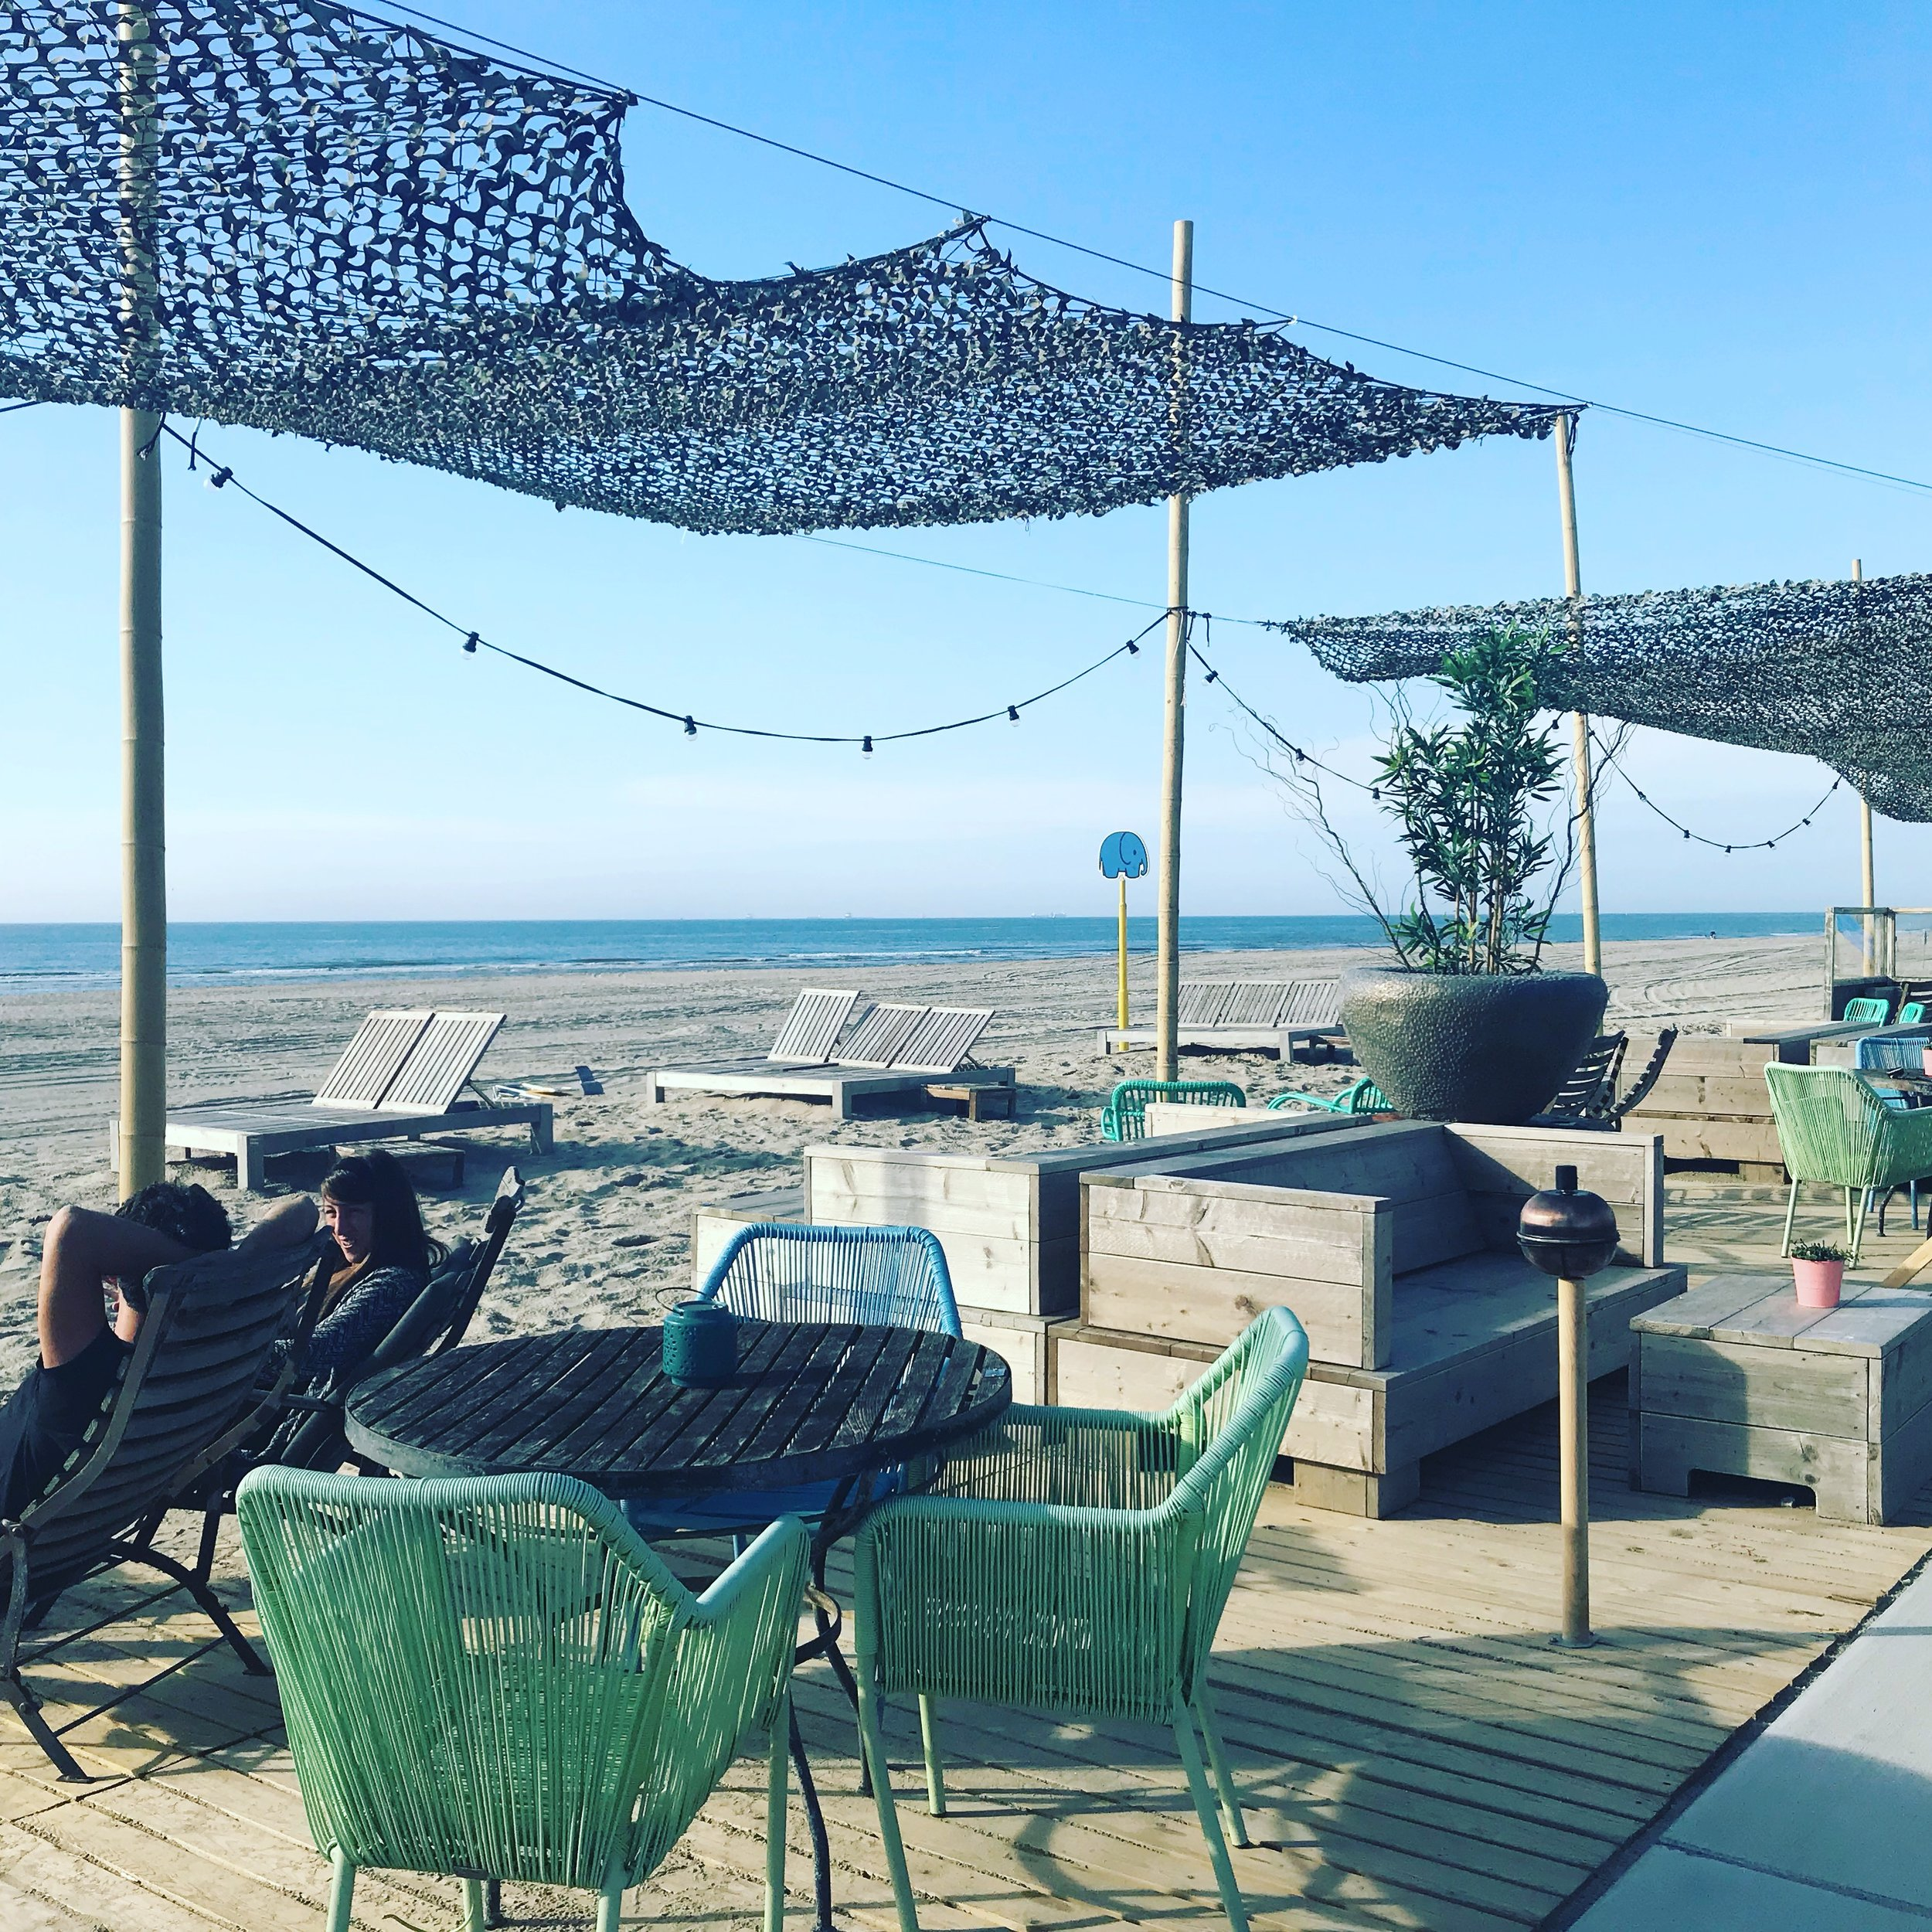 Suiderstrand cafe in Scheveningen the Hague Holland